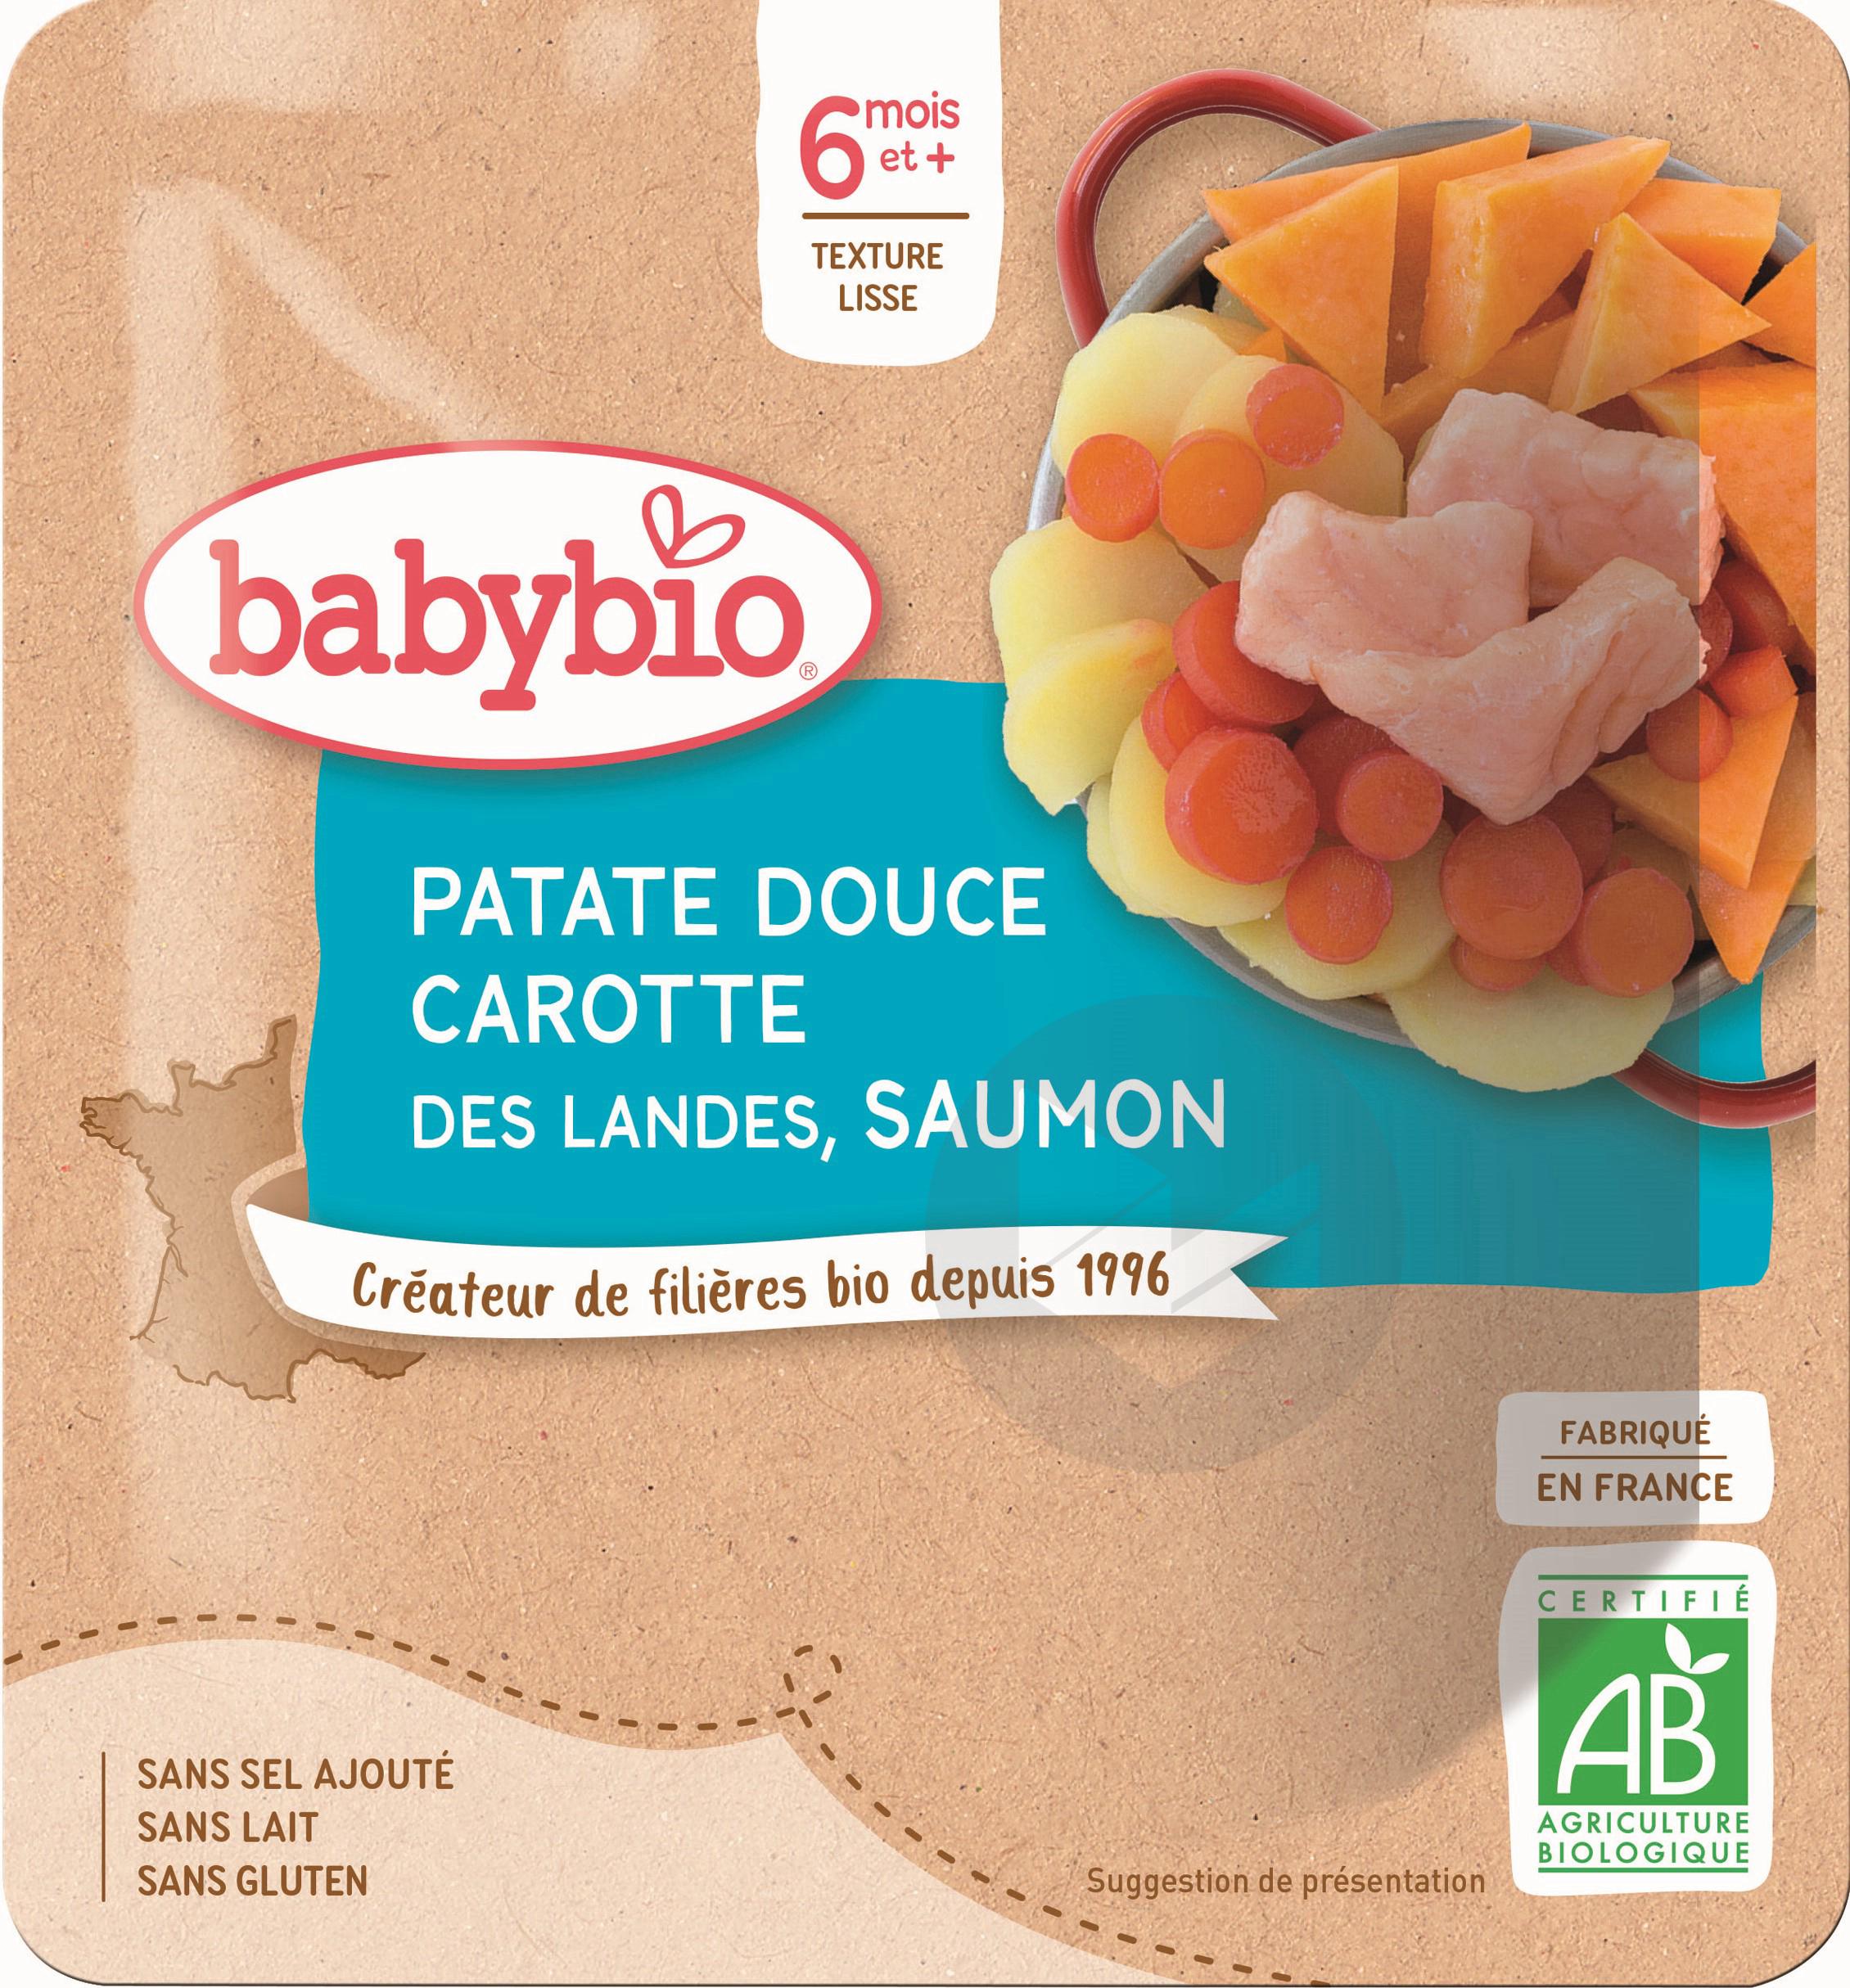 Poche Patate Douce Carotte Saumon